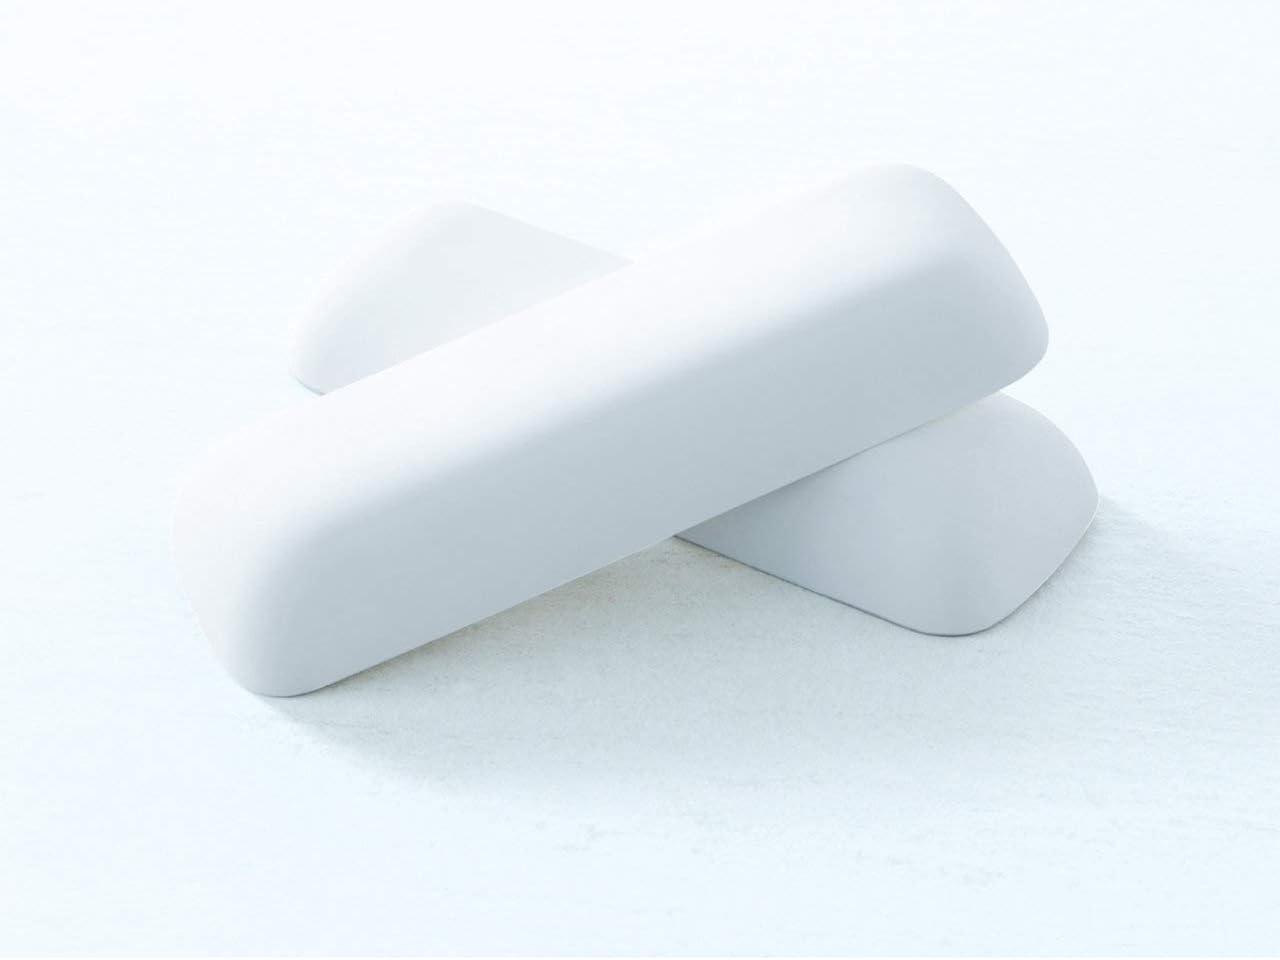 KALDEWEI Multifunktionskissen, Set mit 20 Kissen, weiß